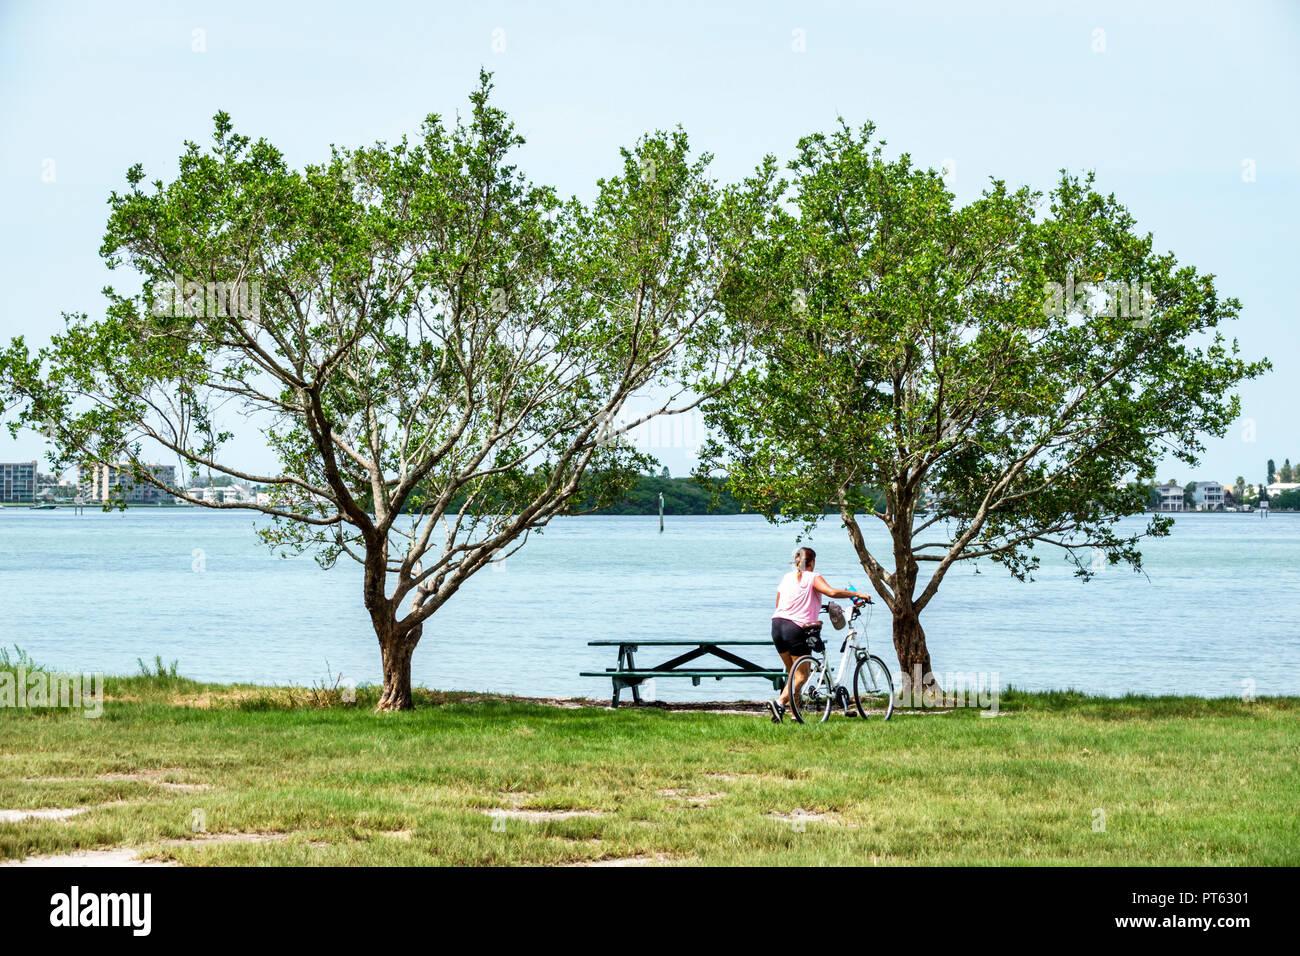 St. Saint Petersburg Florida Bay Pines War Veterans Memorial Park Boca Ciega Bay picnic table woman bicycle - Stock Image